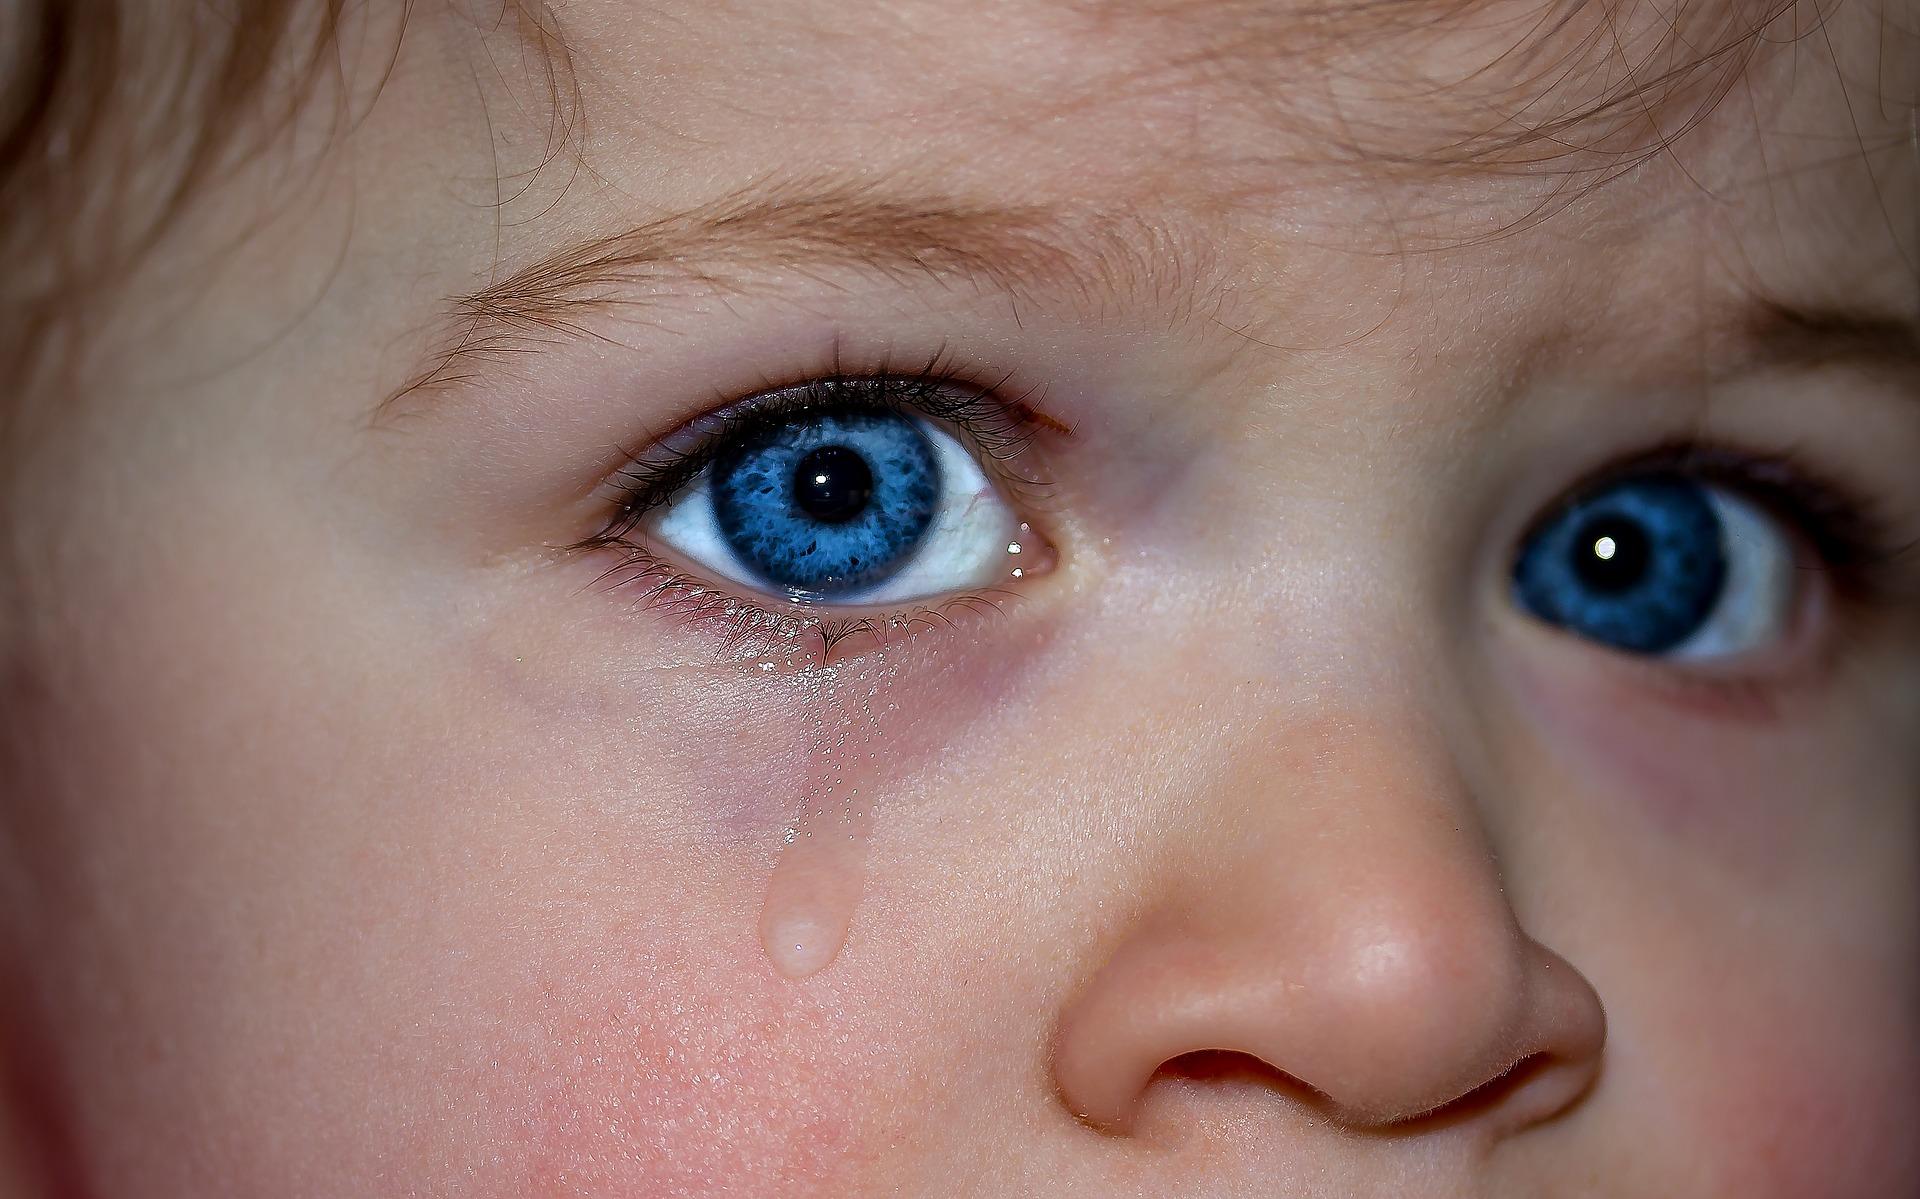 Najgorzej pobyt w rodzinie zastępczej znoszą maluchy (fot. pixabay.com)